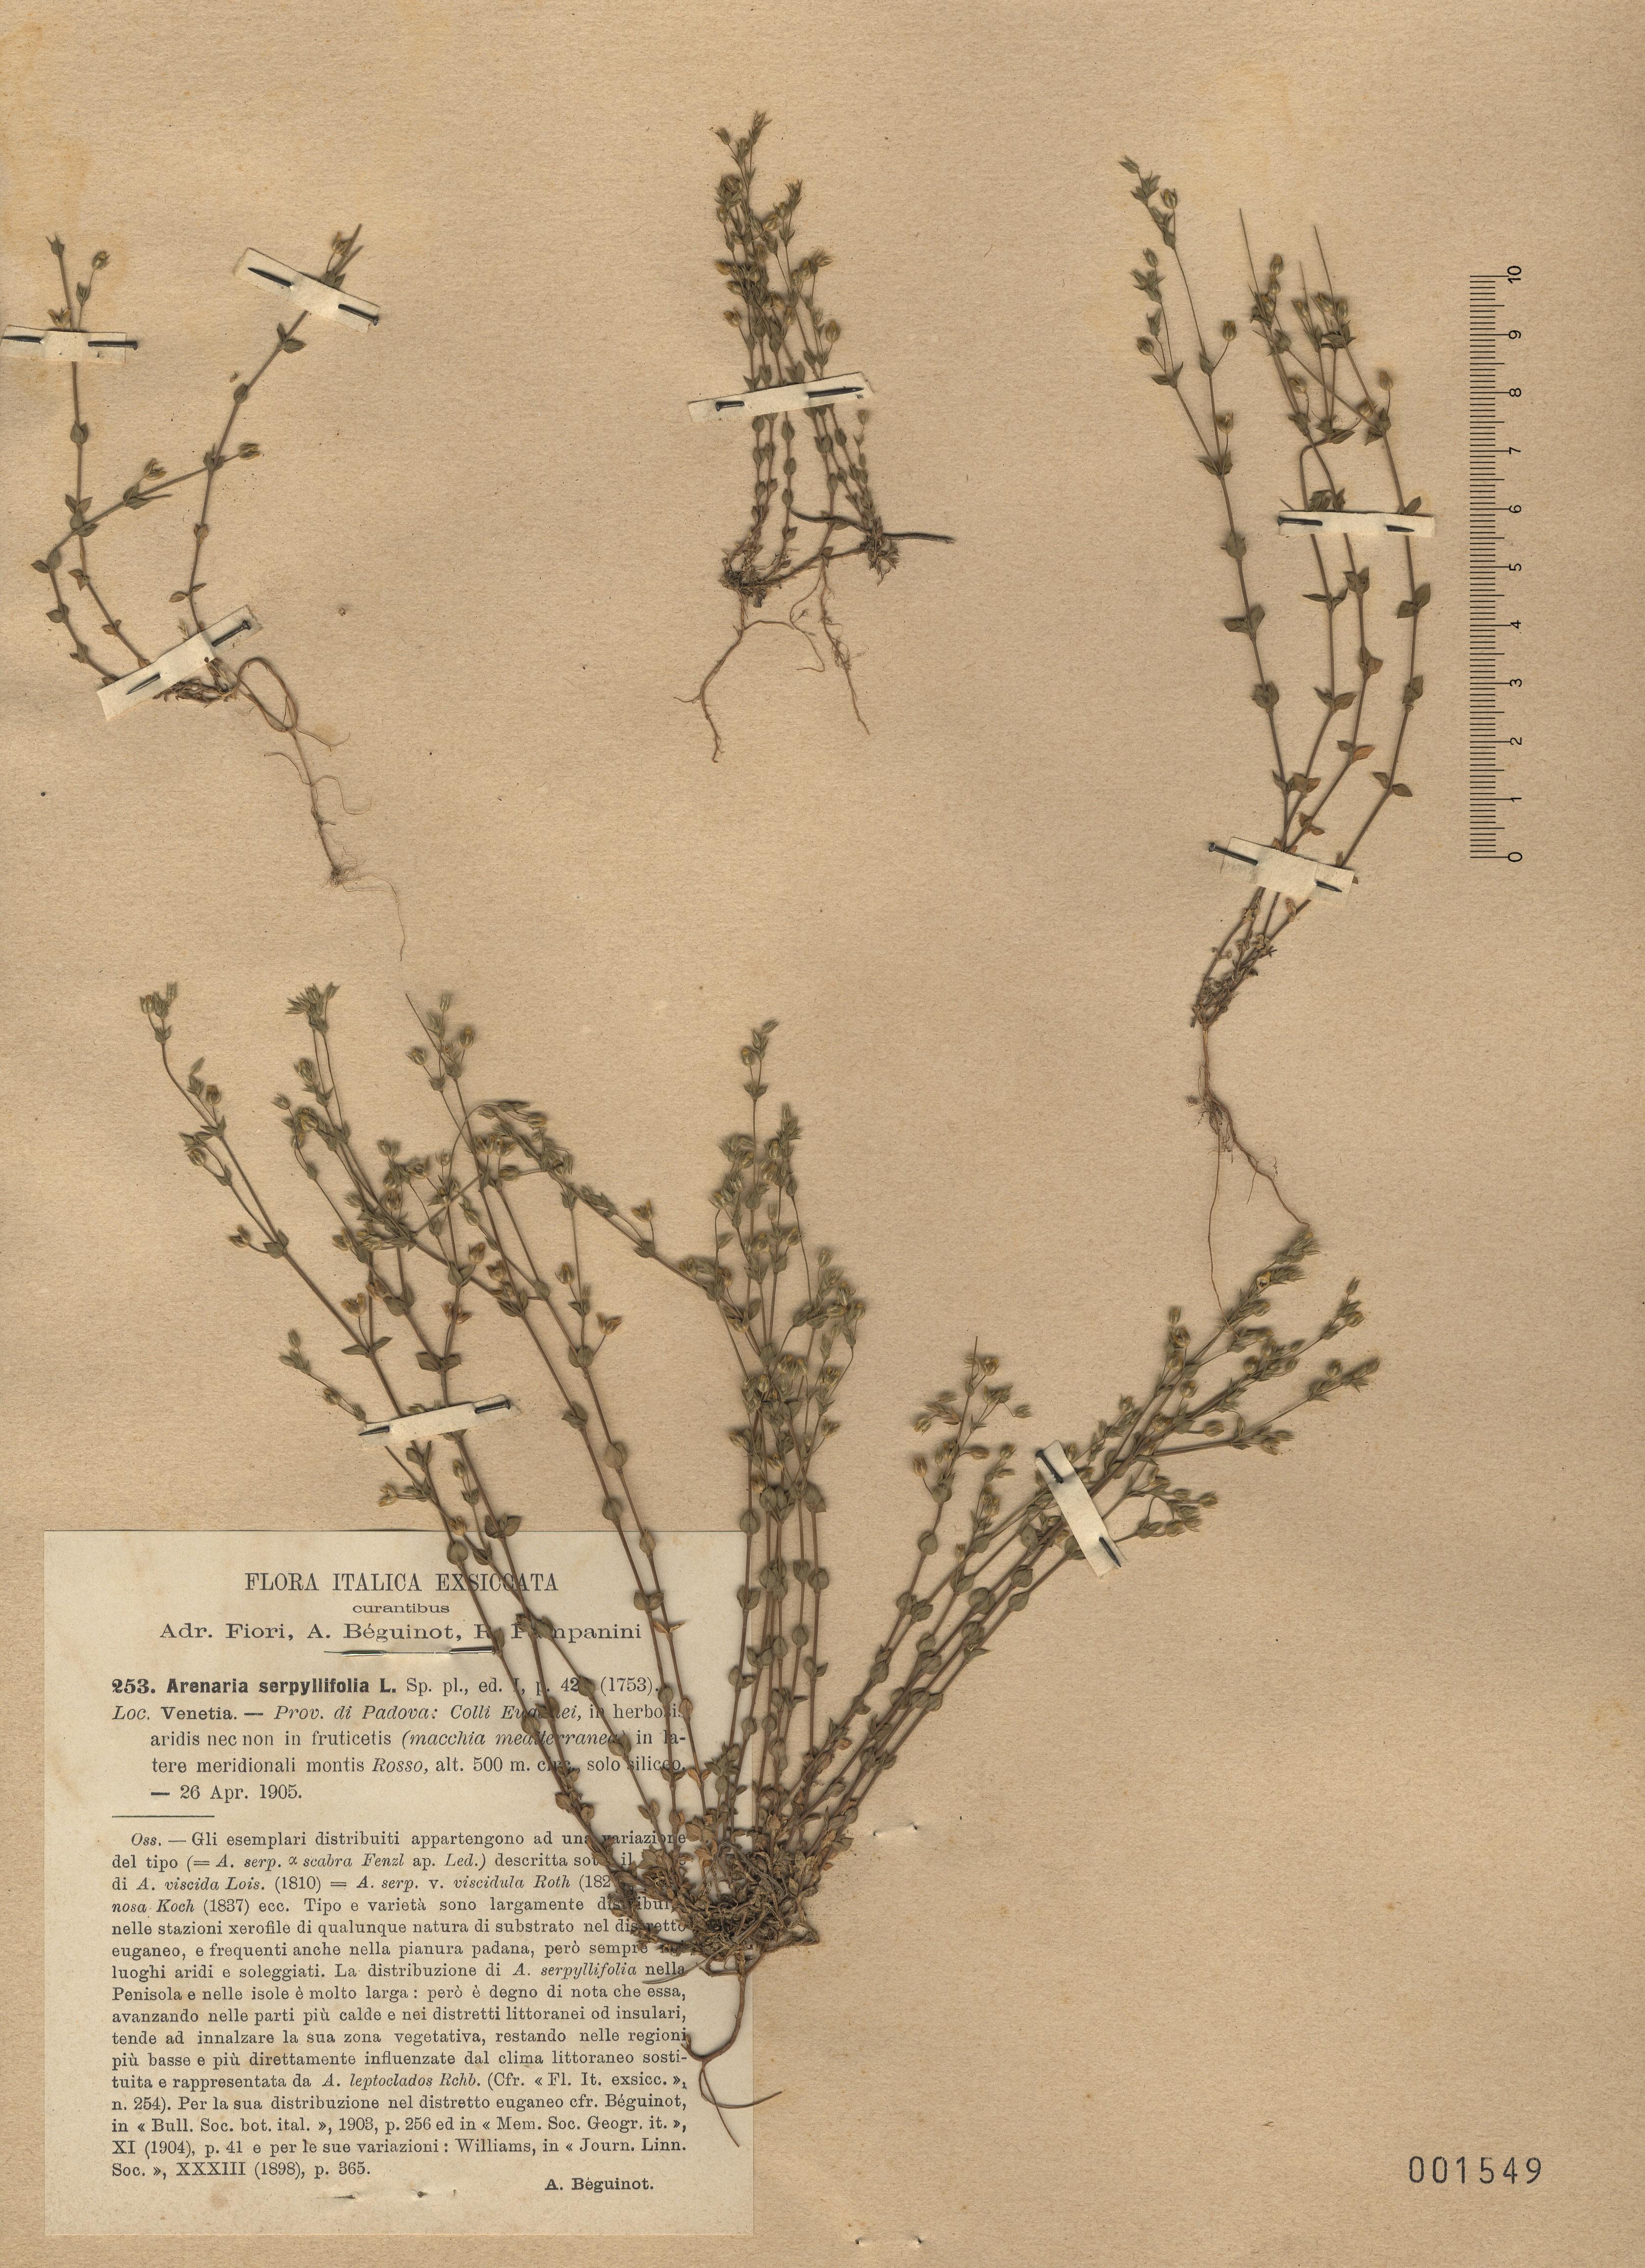 © Hortus Botanicus Catinensis - Herb. sheet 001549<br>